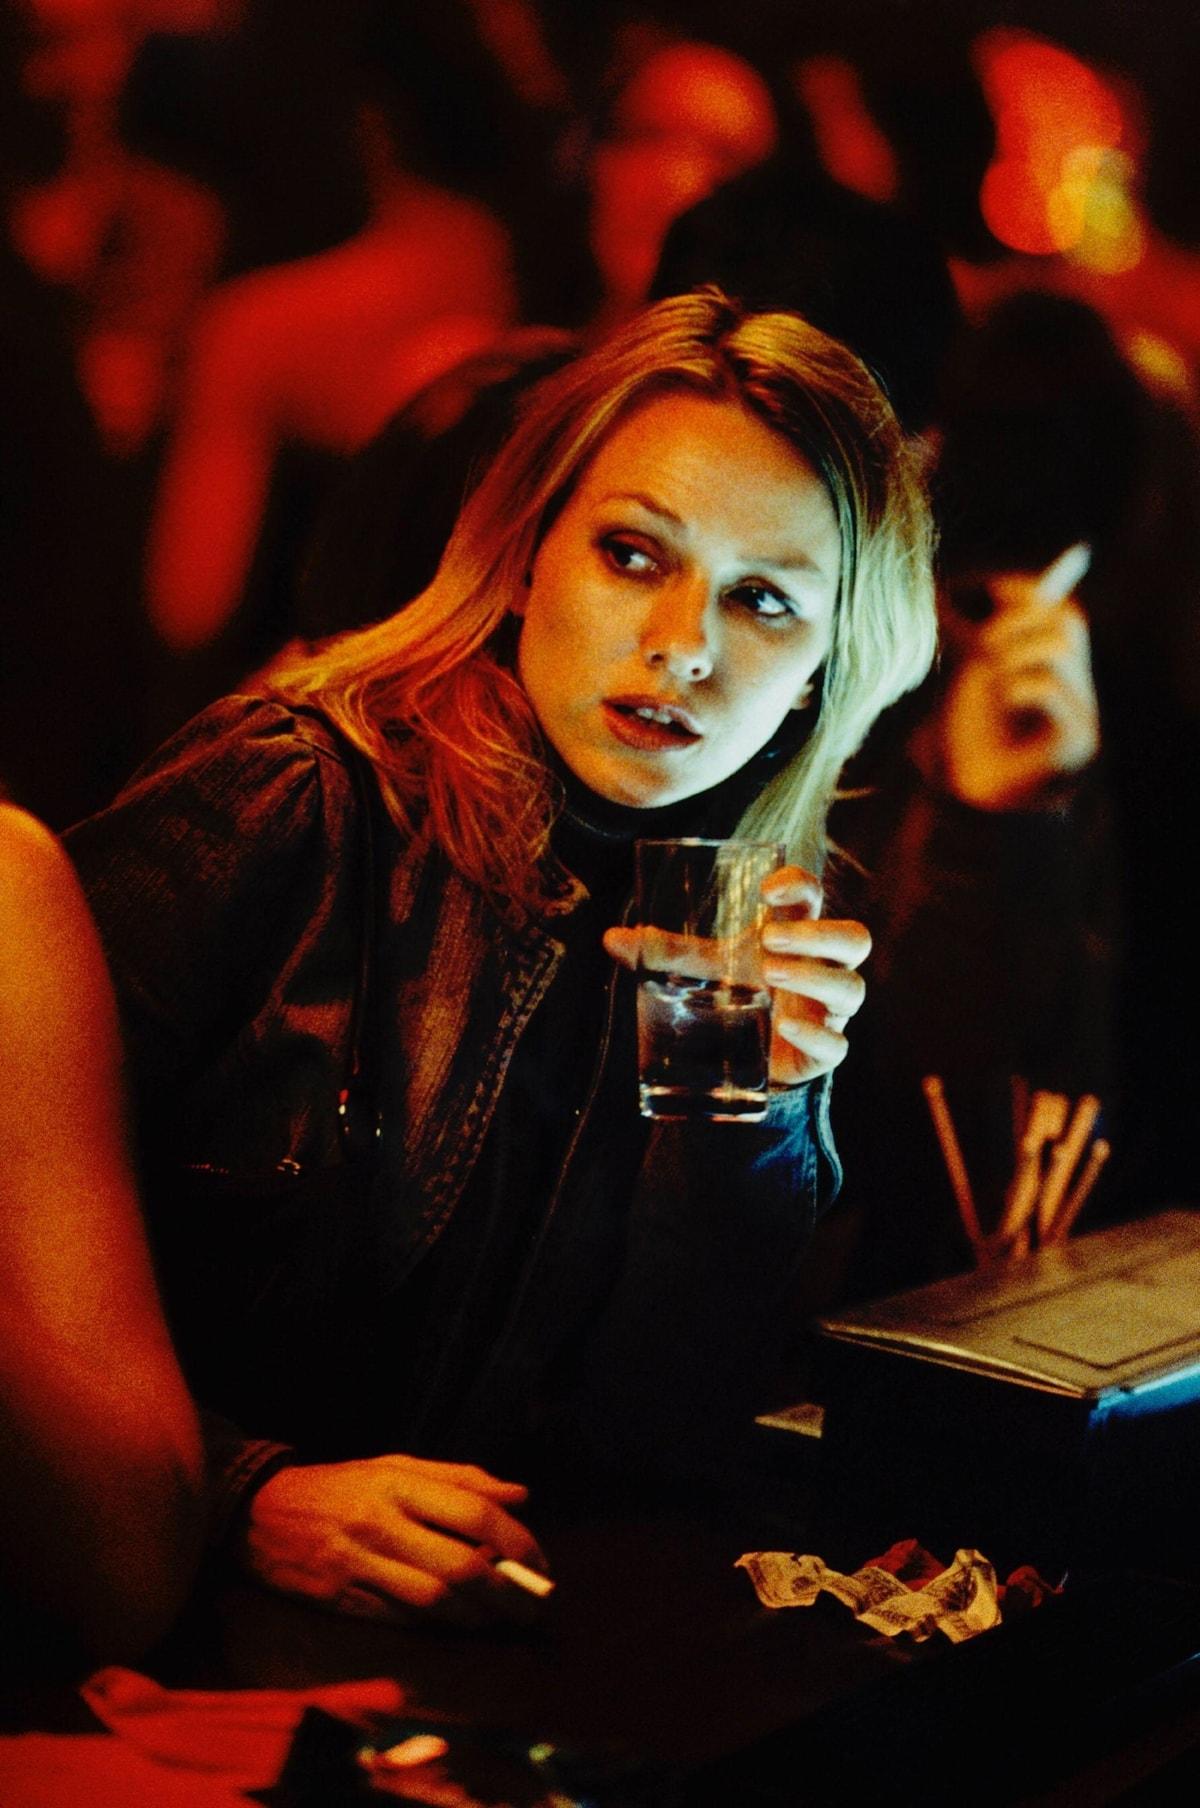 Naomi Watts starred in director Alejandro González Iñárritu's 2003 drama 21 Grams